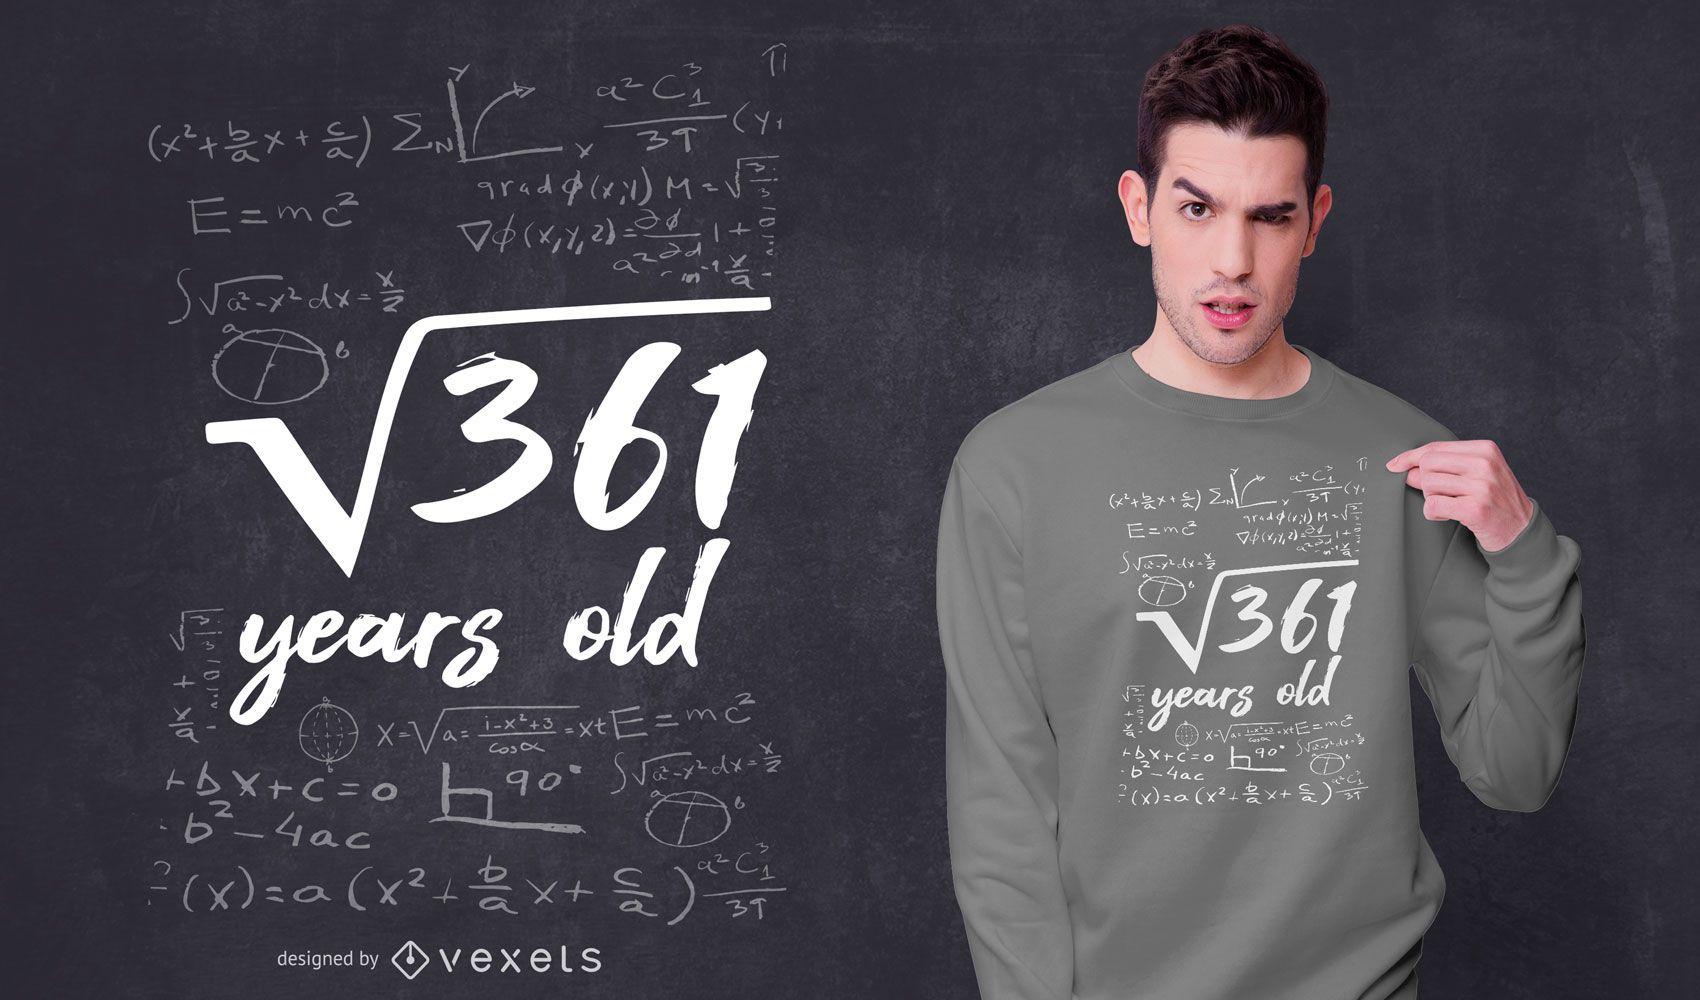 19 Jahre altes Geburtstag T-Shirt Design